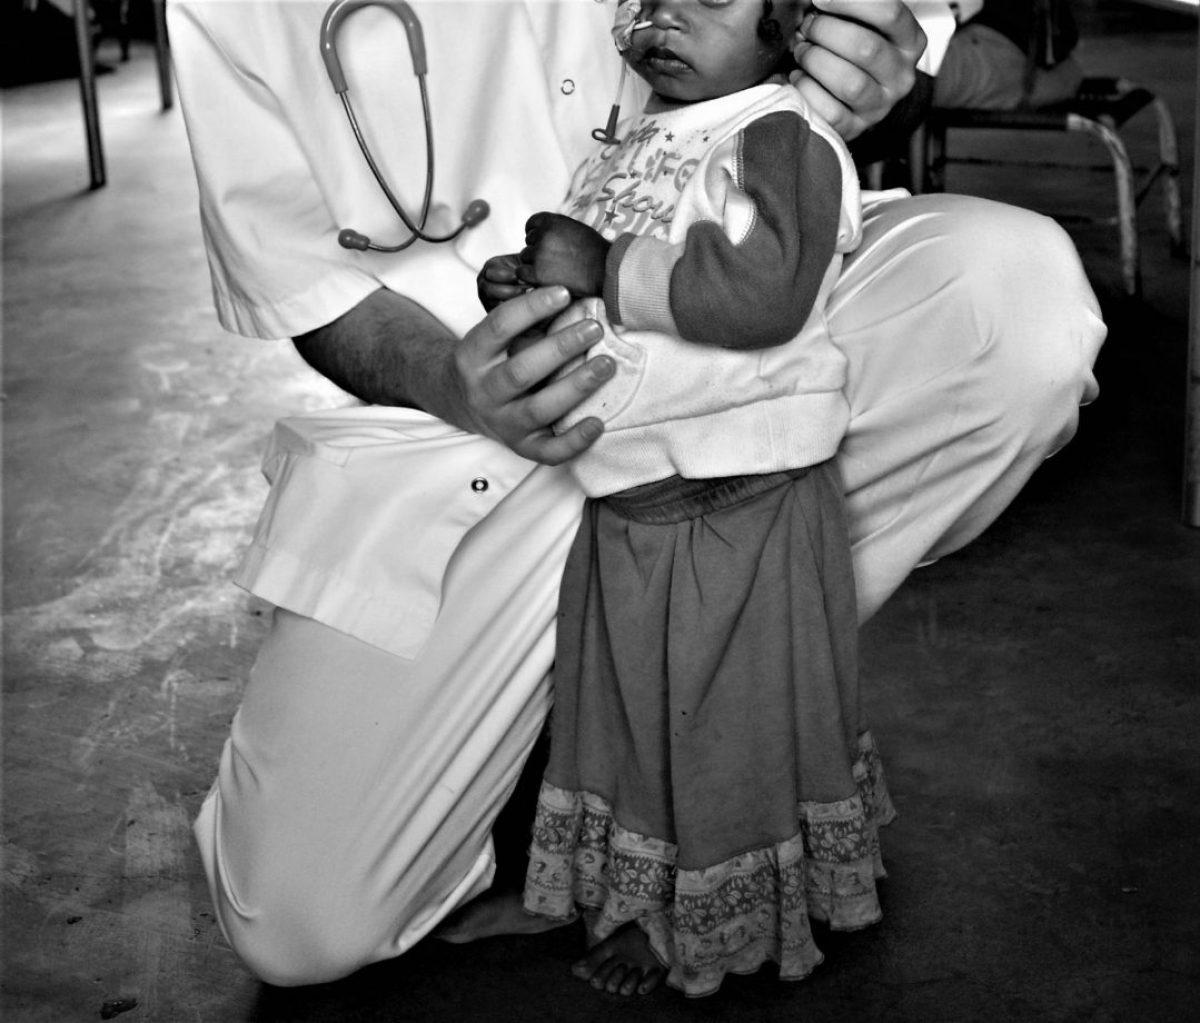 El médico que se arrodillaba para limpiar los colchones africa alegria gambo alegria sin fronteras dr alegria etiopia gambo